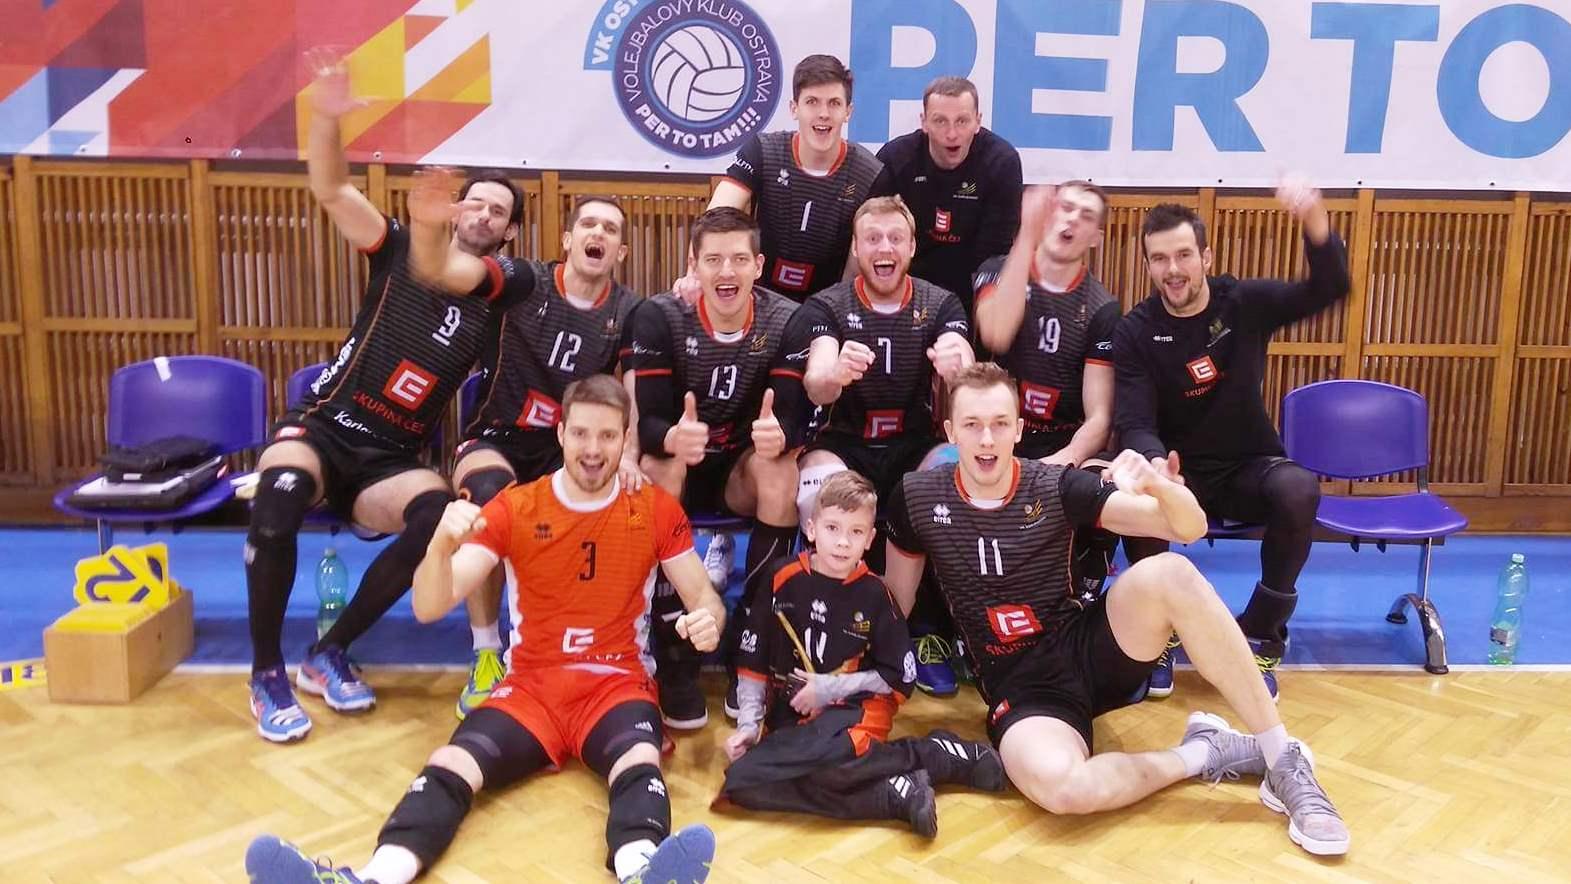 Foto: Karlovarští volejbalisté přivezli z Ostravy extraligové vítězství